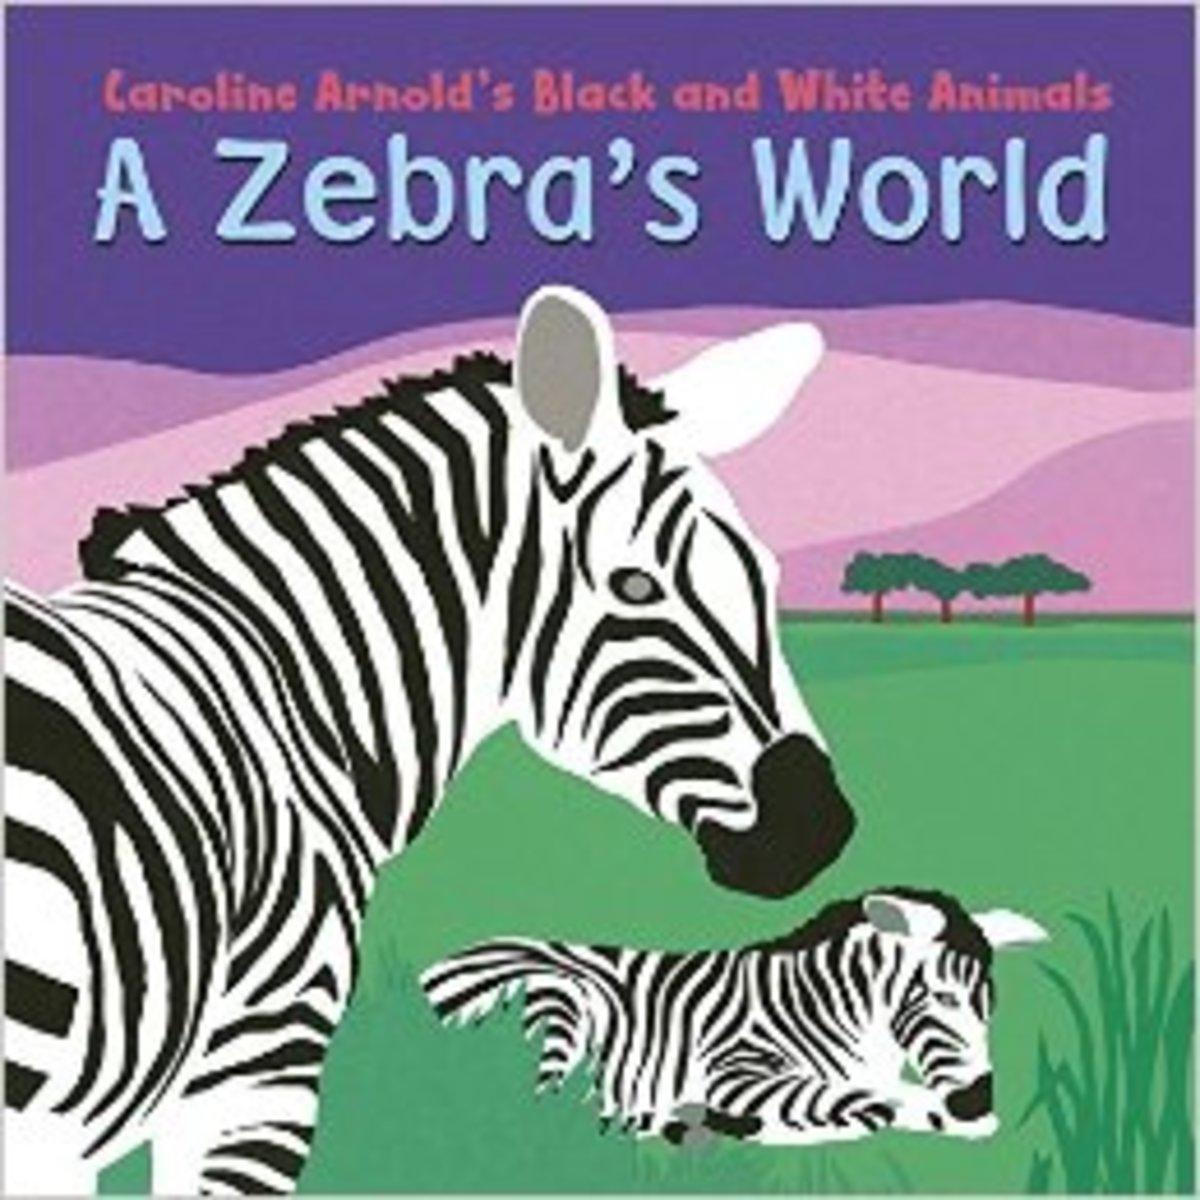 A Zebra's World by Caroline Arnold